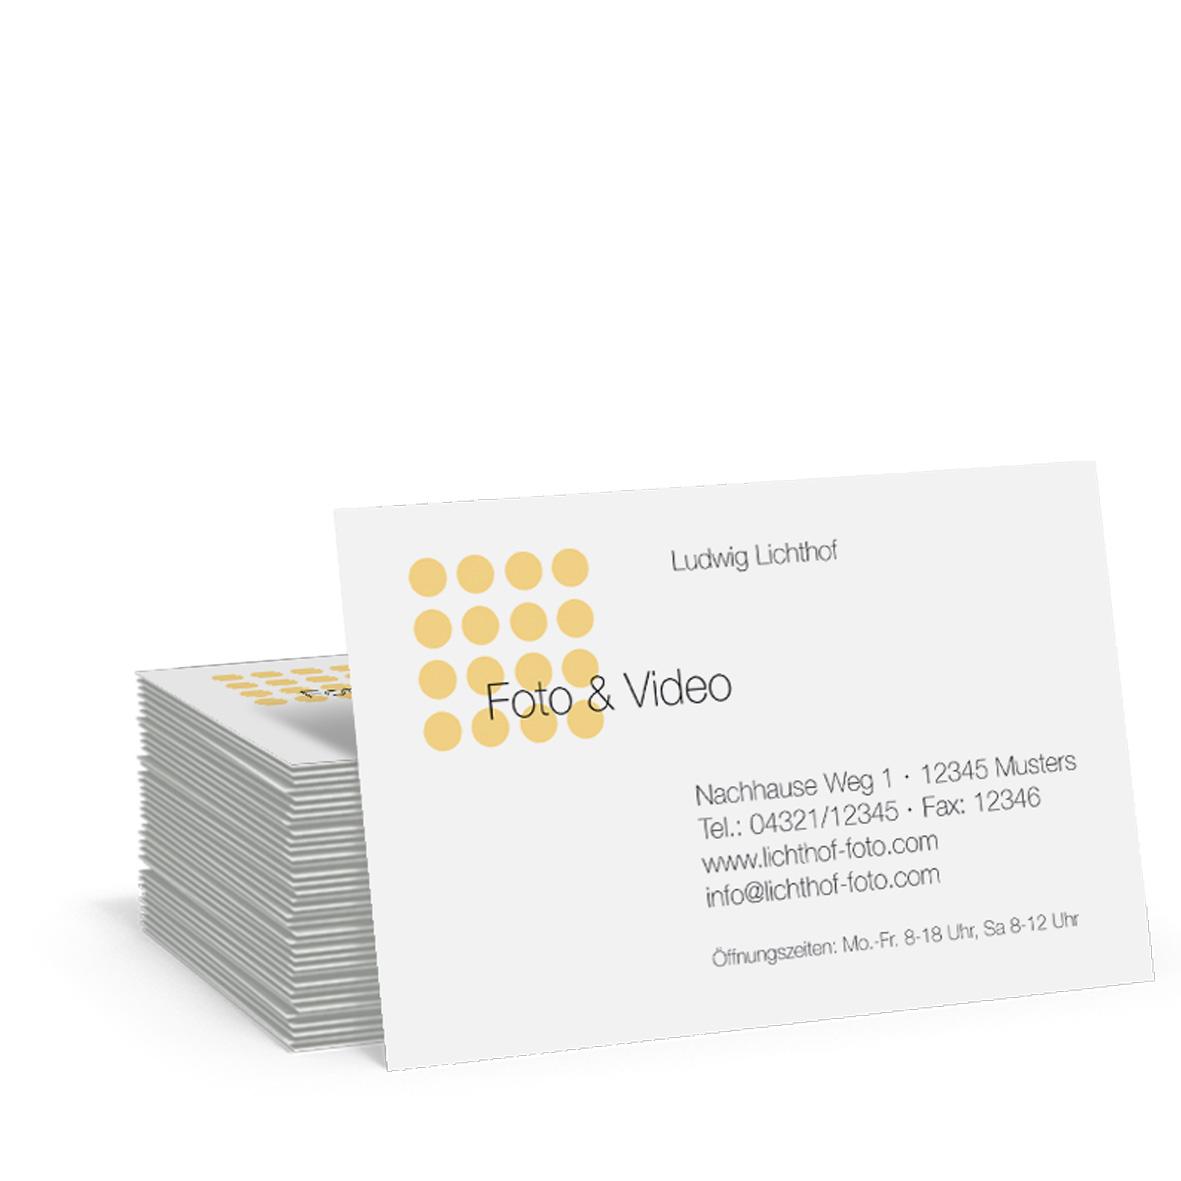 Pythagoras Marketing Gmbh Geschäftskarte Edel Typo Geschenkgutscheine Visitenkarten Kundenkarten Und Weitere Treuesysteme